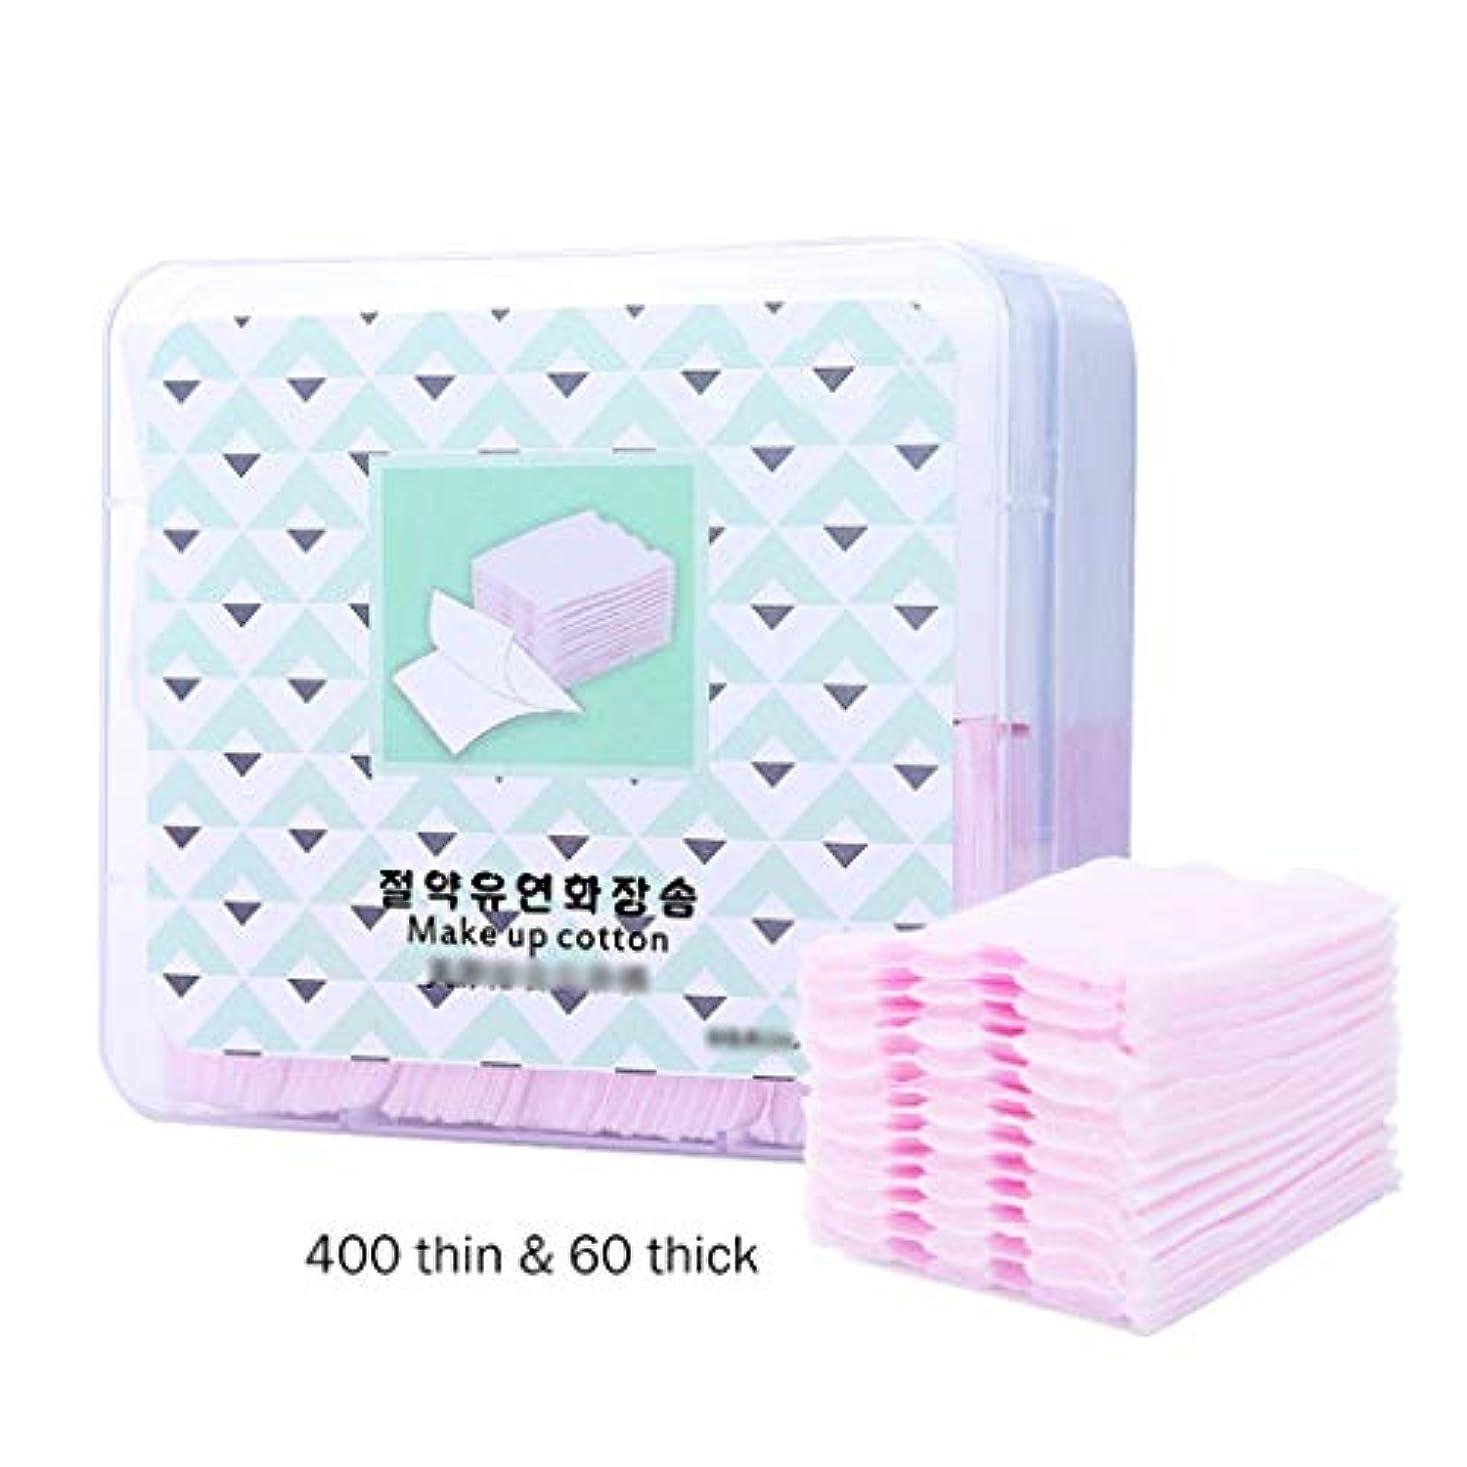 ホバー多分シプリークレンジングシート 460ピース化粧コットンパッド再利用可能な有機ネイルコットンワイプフェイシャルティッシュメイクアップリムーバーワイプネイルナプキンホルダーボックス (Color : Pink+White)